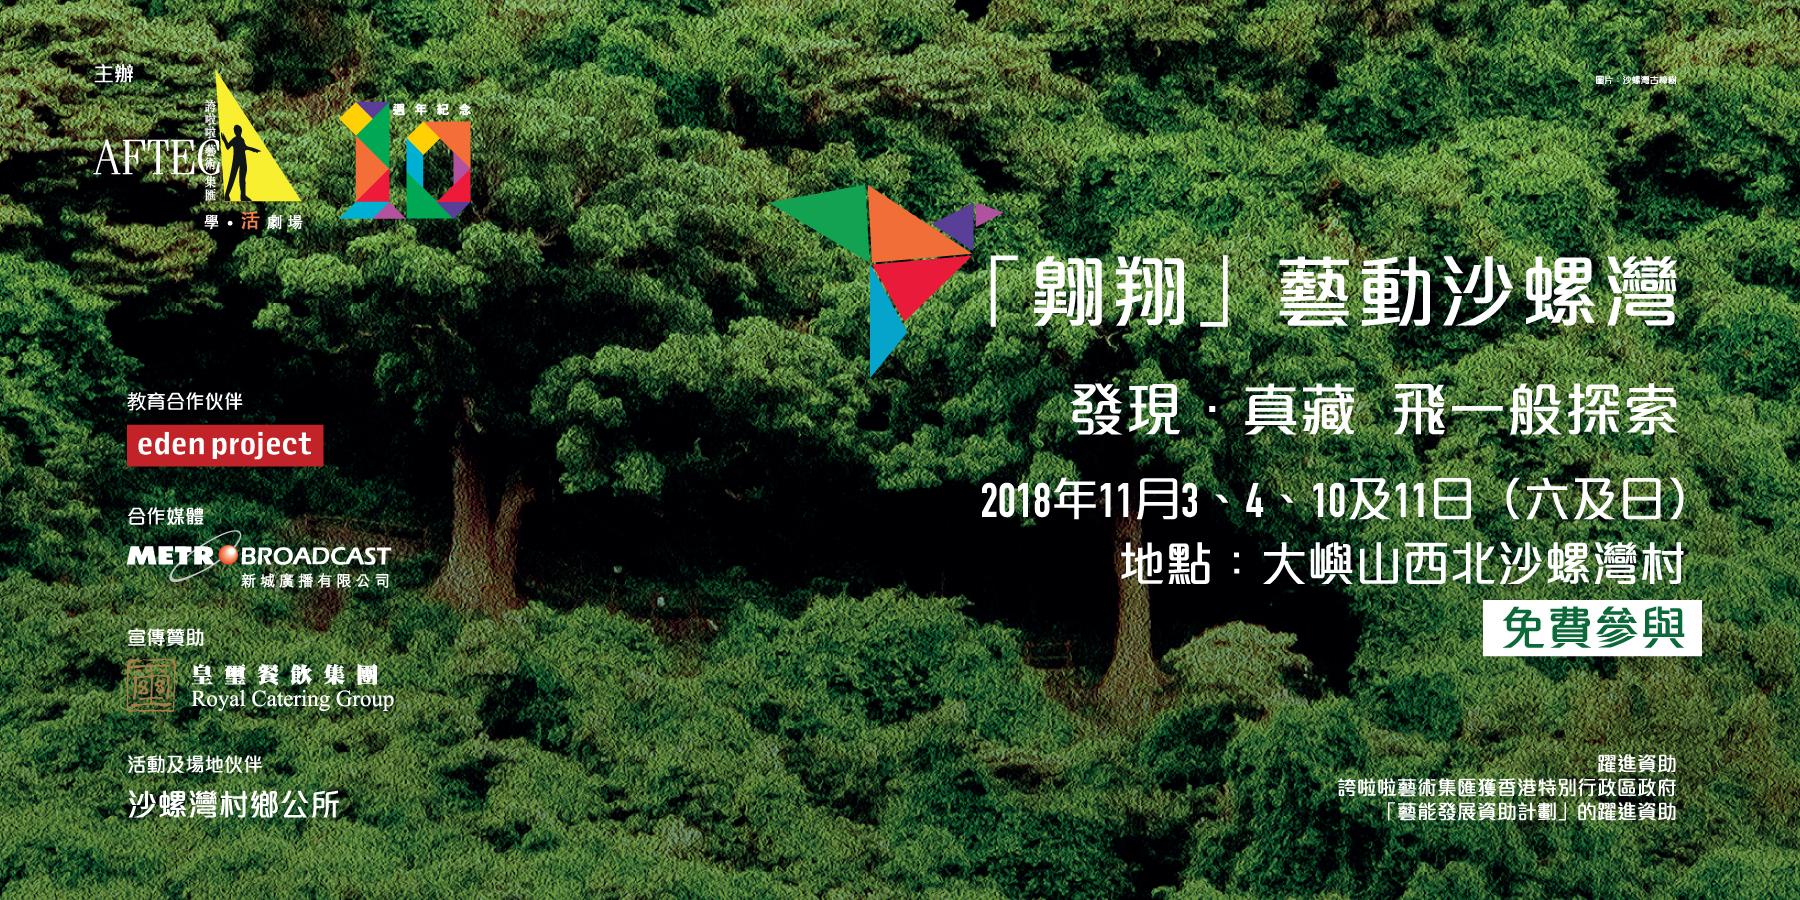 「翱翔」藝動沙螺灣將於11月3、4、10及11日舉行。(主辦方提供)